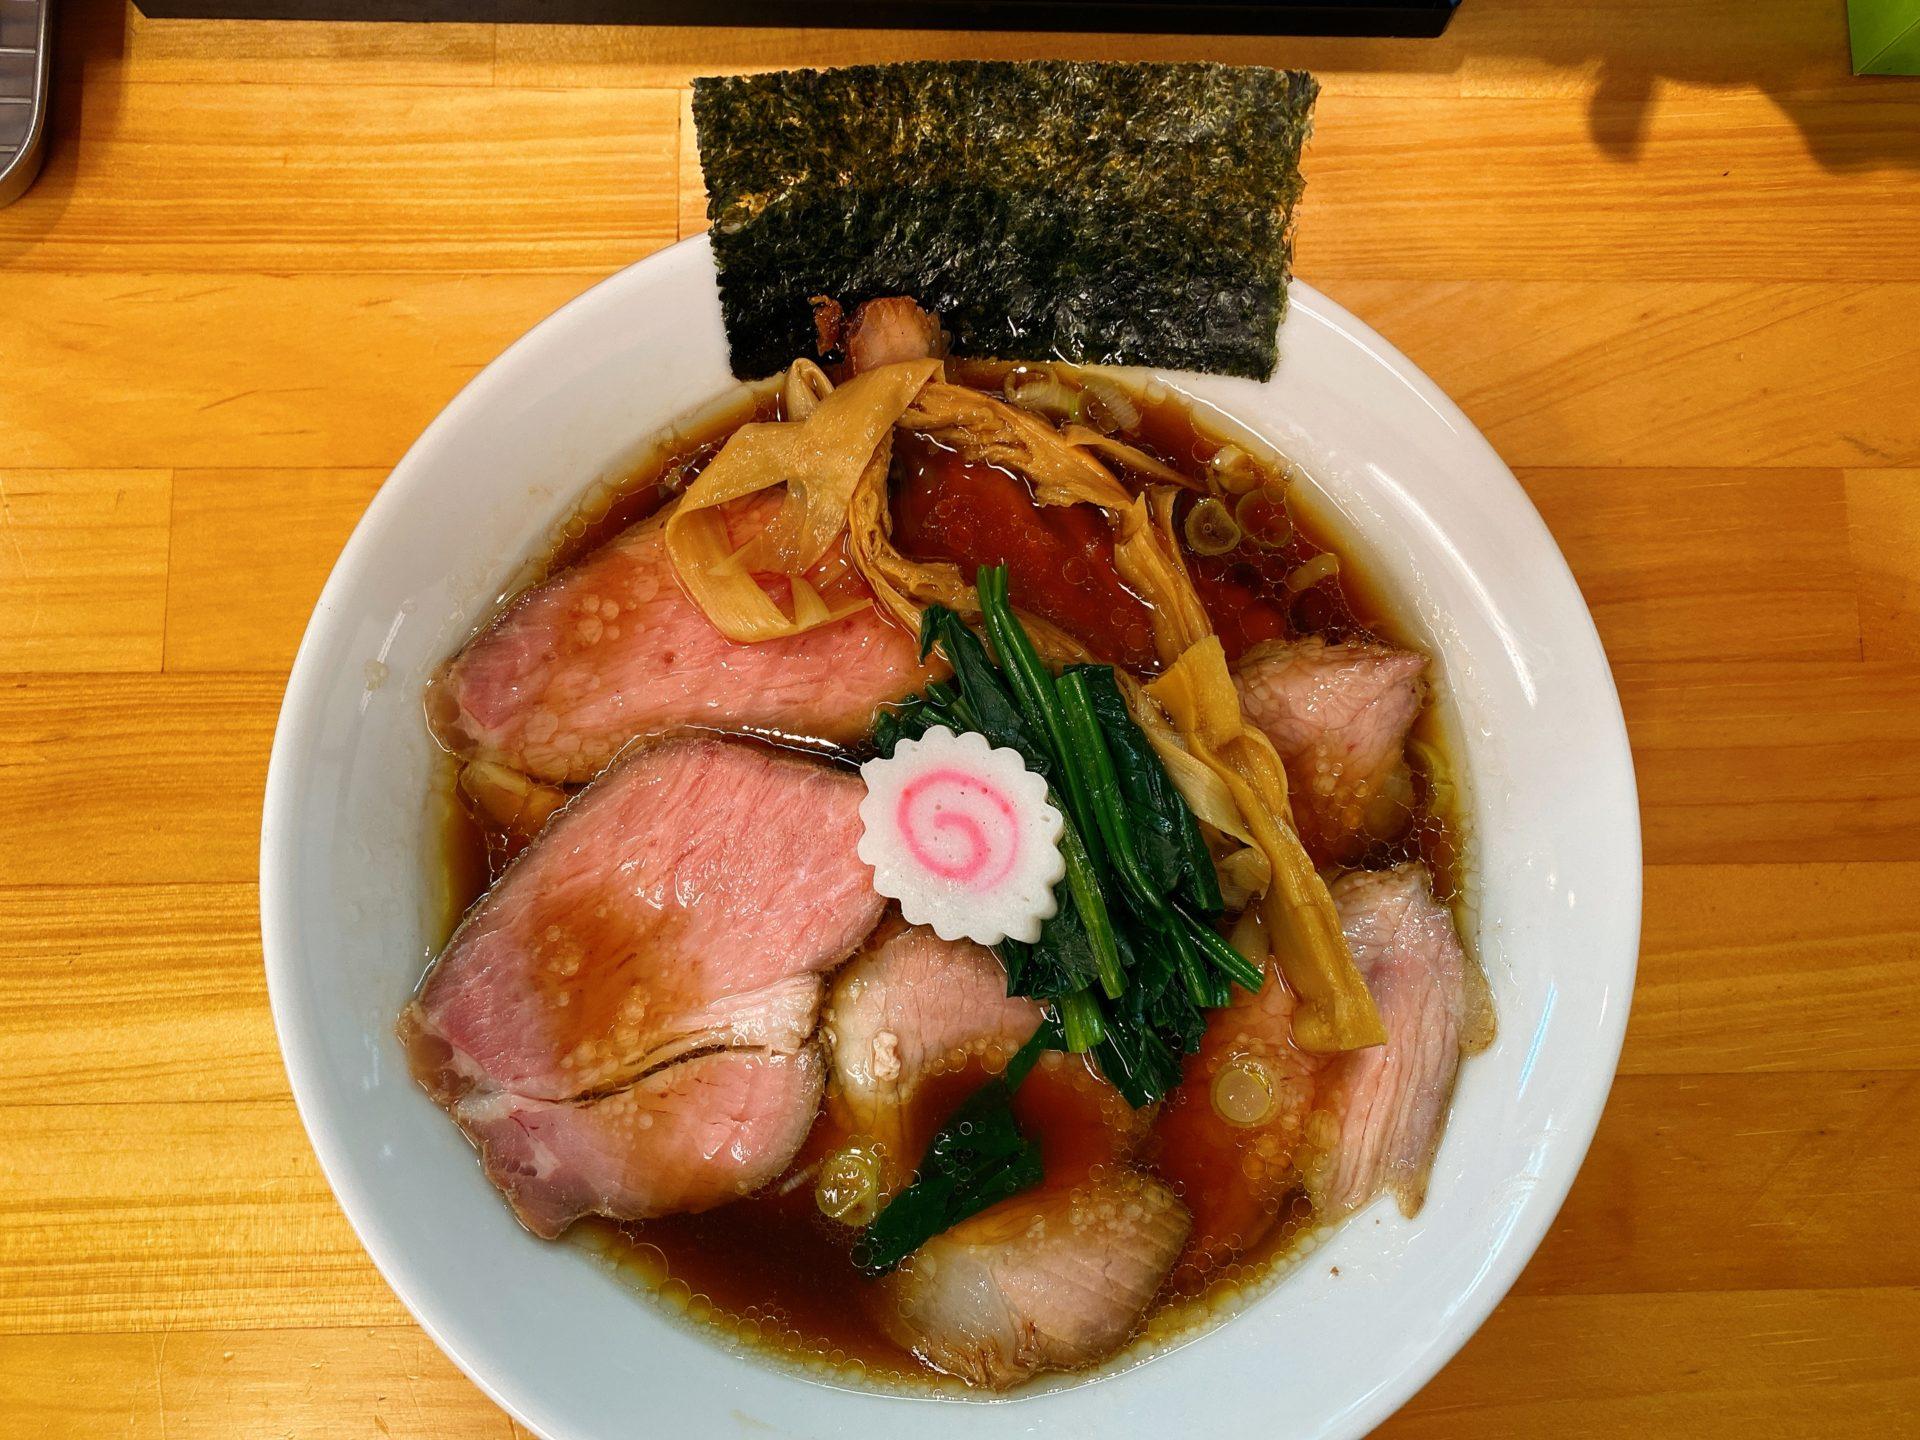 岡山駅から徒歩約5分 らぁ麺 はんにゃは開店1年半で人気店に!生姜が香る醤油ラーメンはスープも麺も激ウマ!